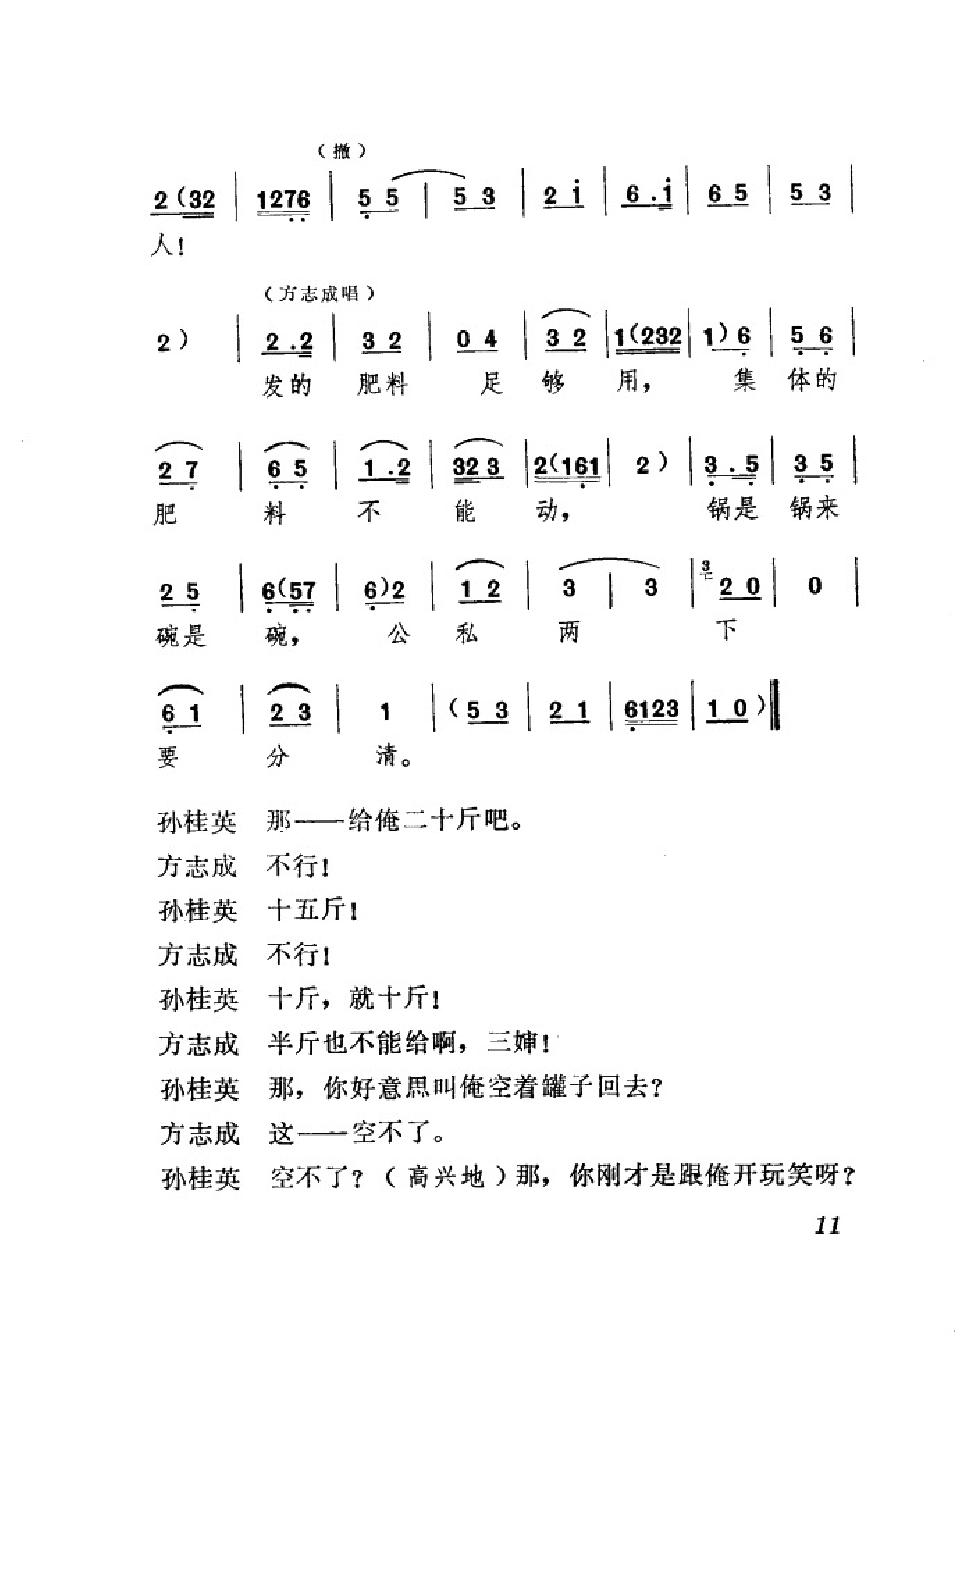 吕剧清明三月三曲谱